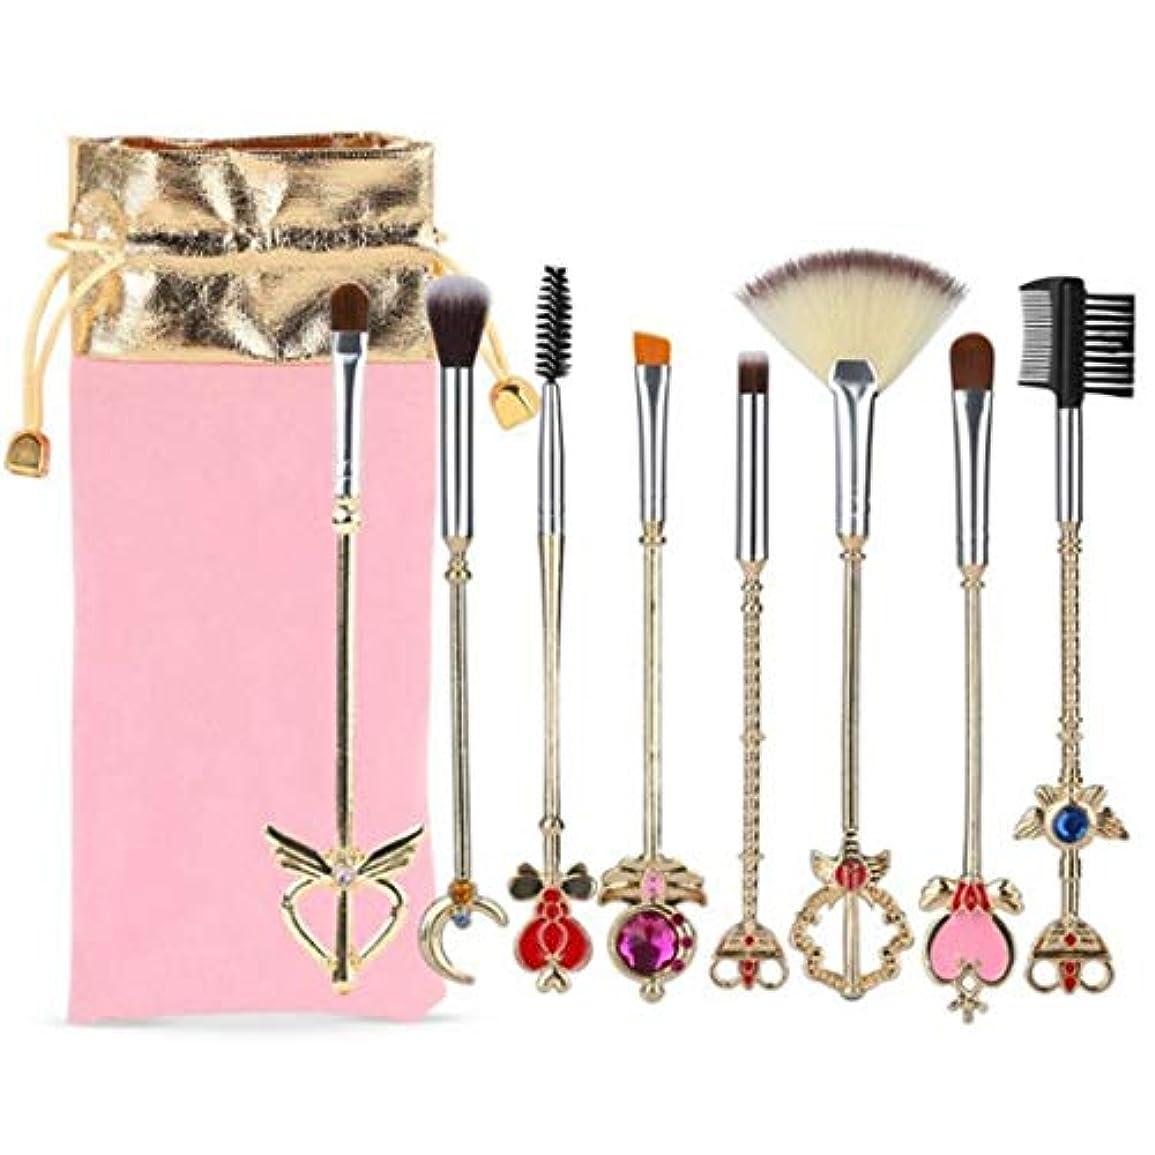 サーバント乱闘ルアーOU-Kunmlef 信頼できる8 PCセーラームーン化粧ブラシは、ポーチ、魔法の女の子ゴールドcardcaptor桜の化粧品ブラシとセットをドローストリングバッグ